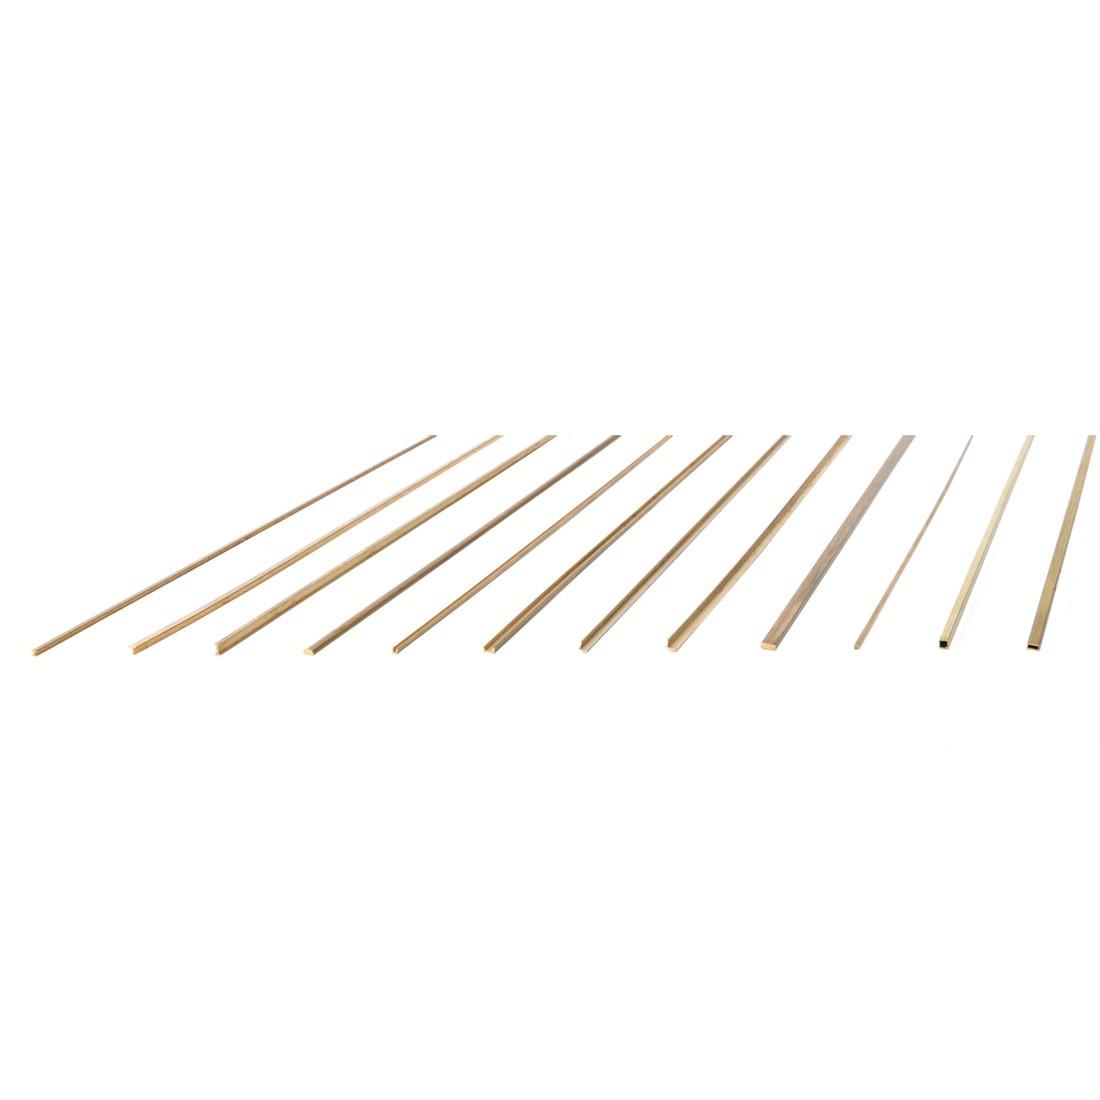 Ángulos de latón 3x3x0,3